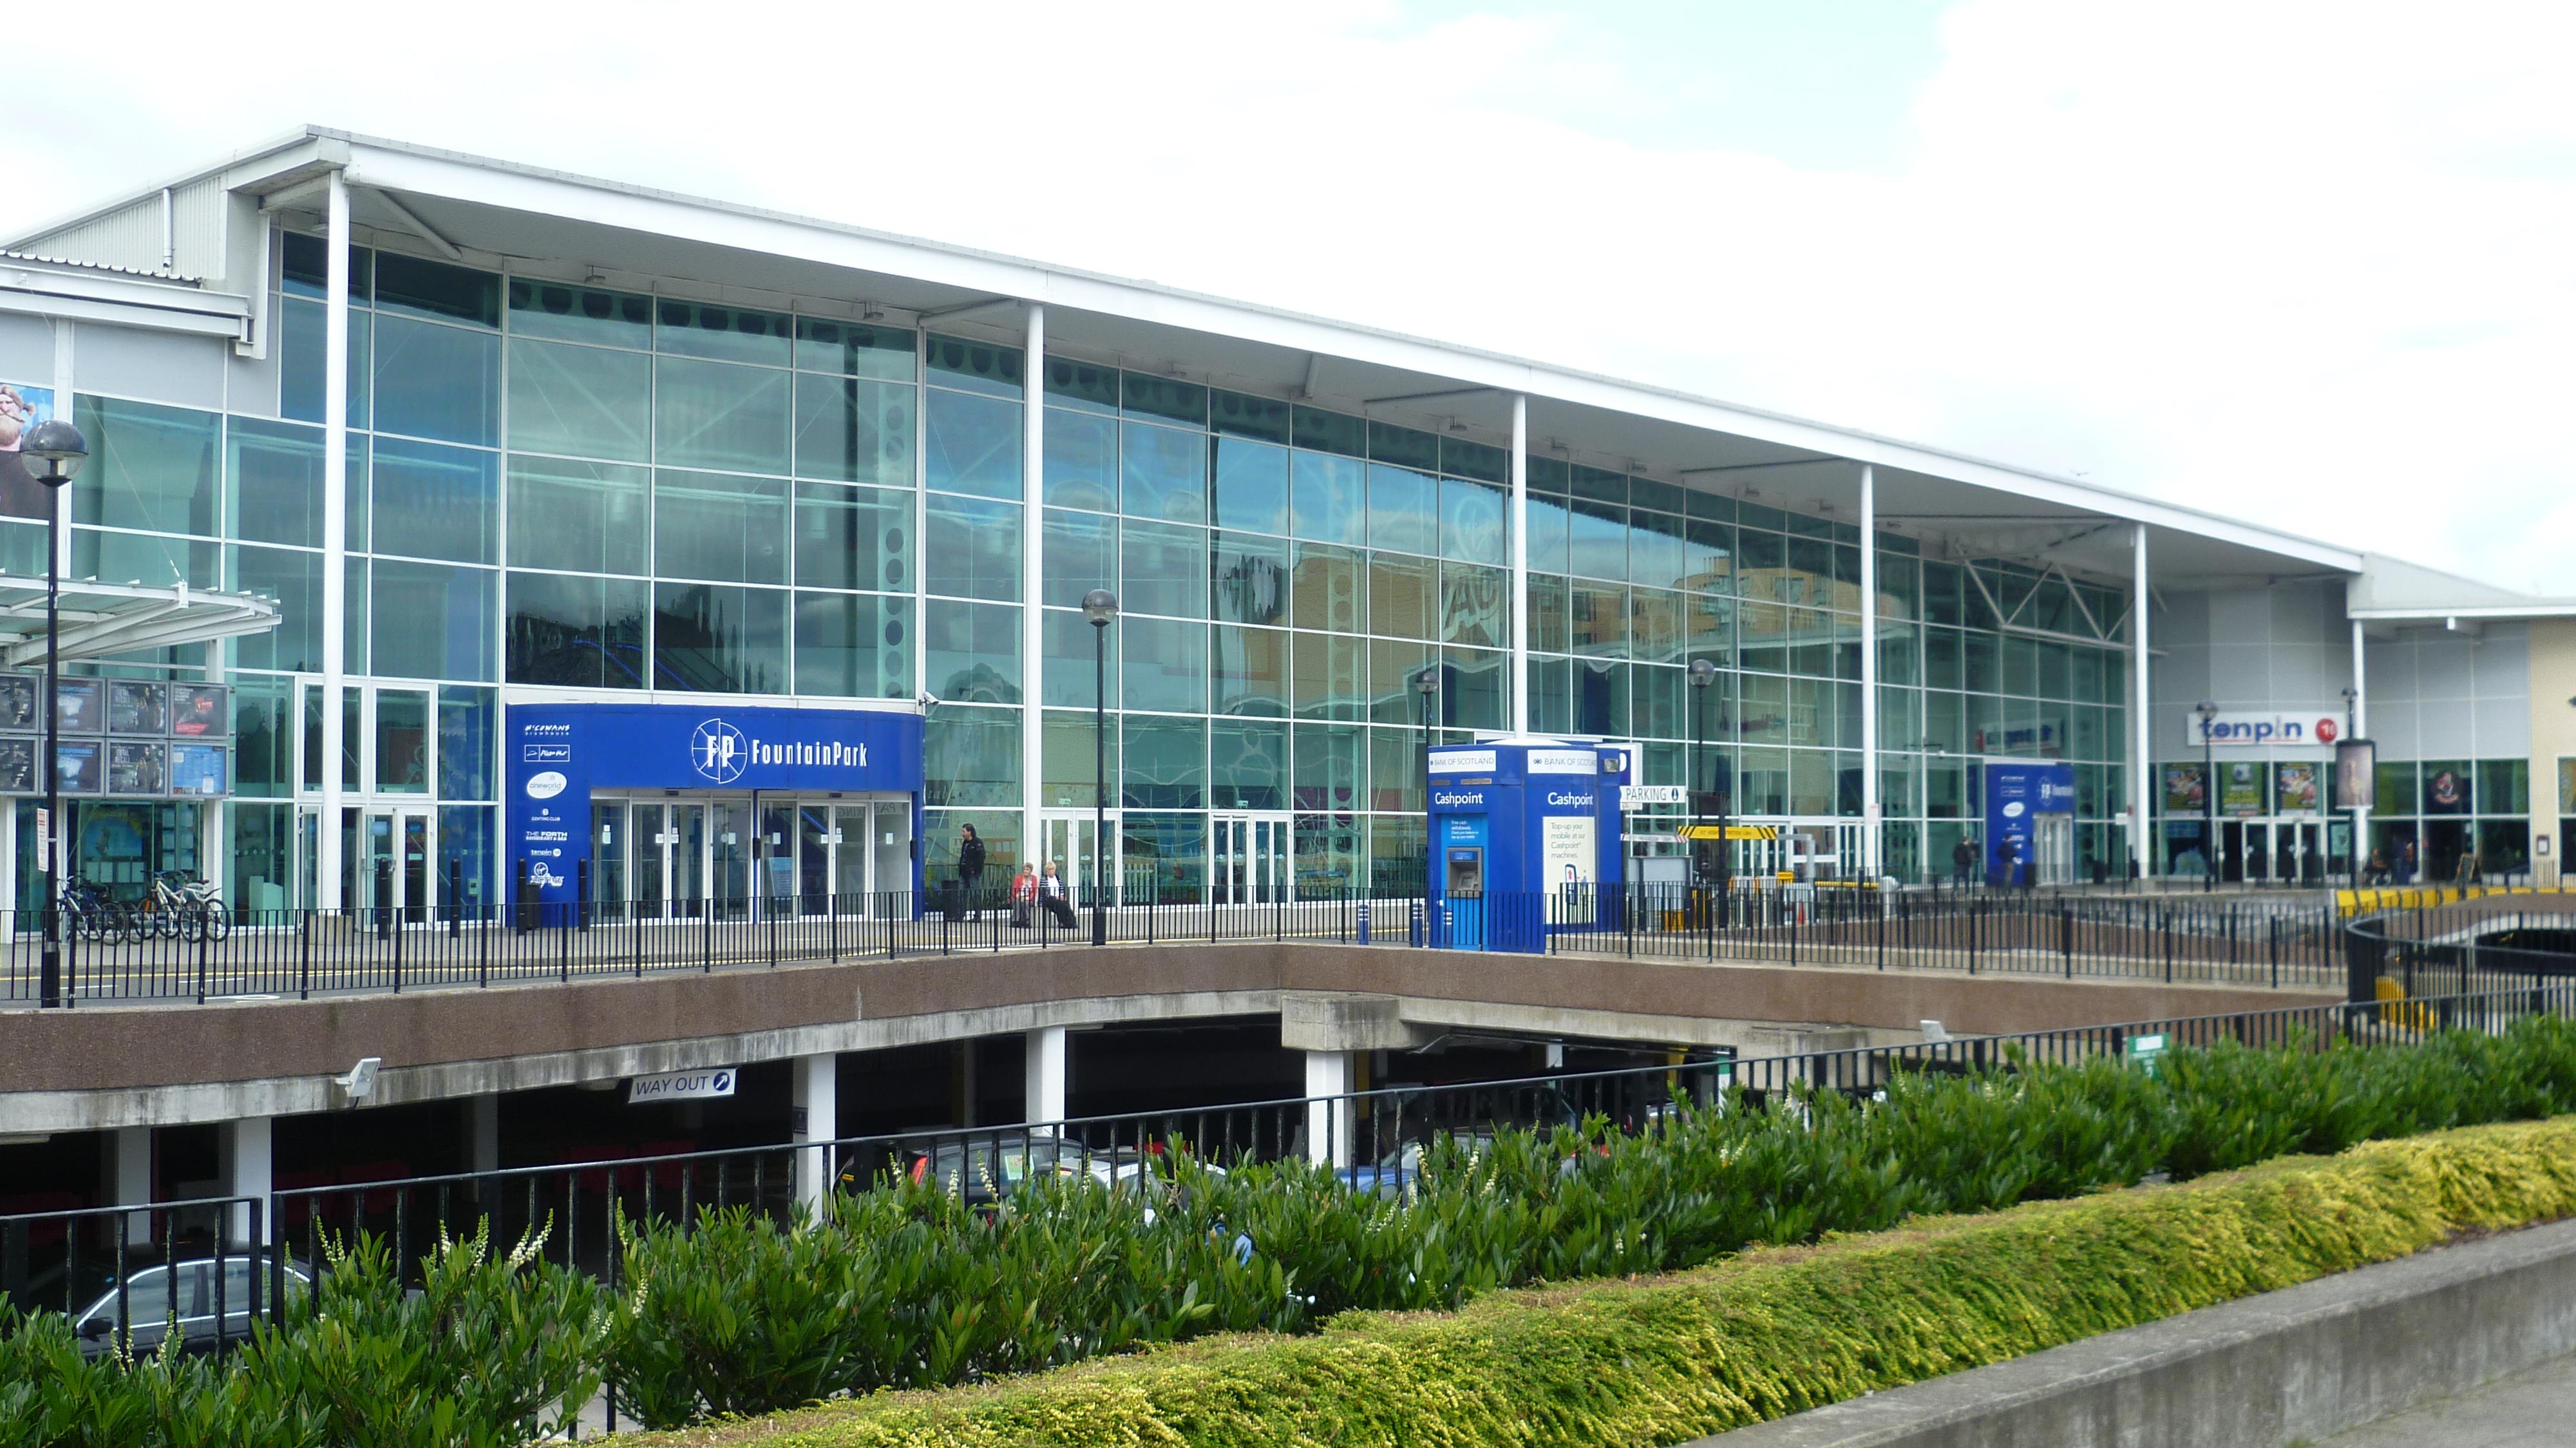 Hotels Near Edinburgh Park Railway Station